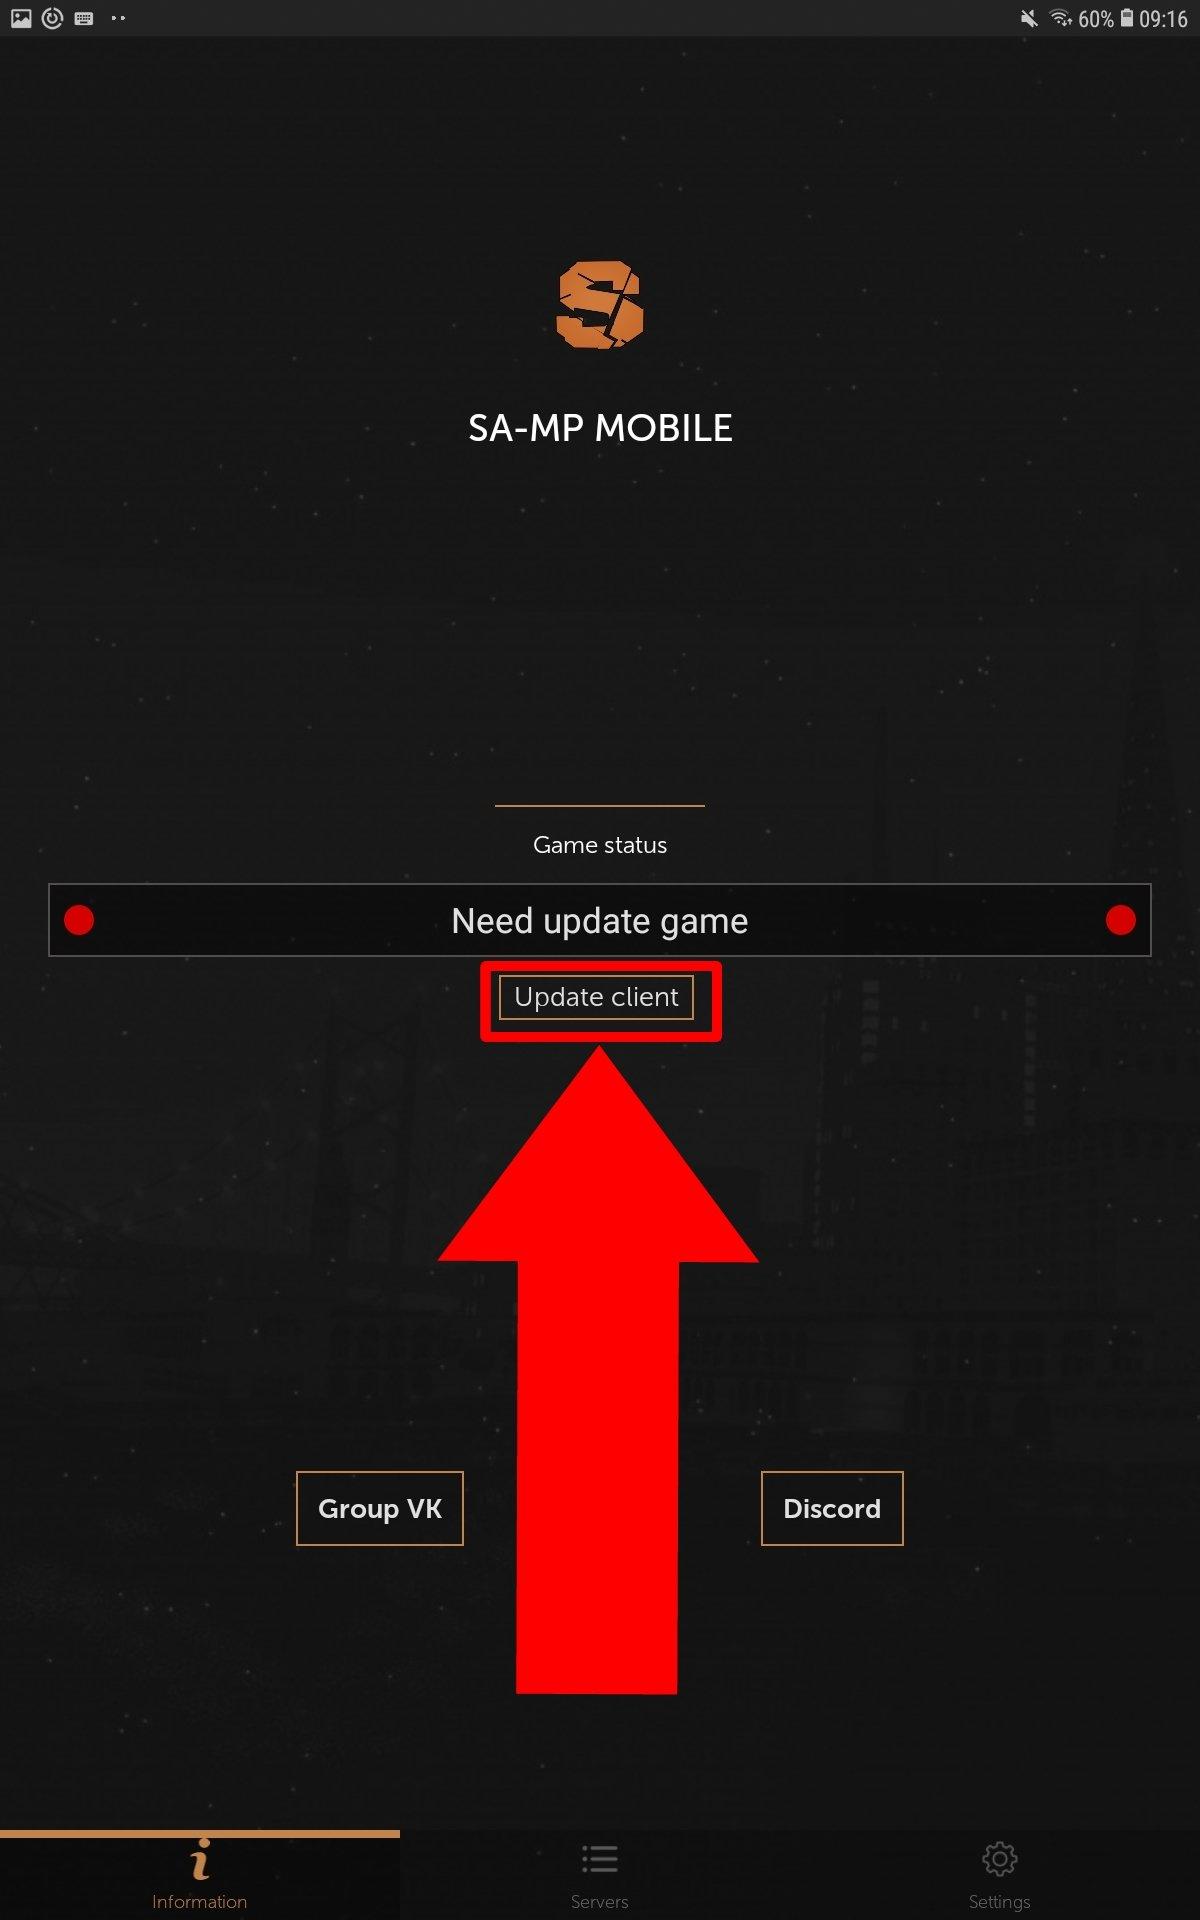 Toca en Update client para actualizar el software